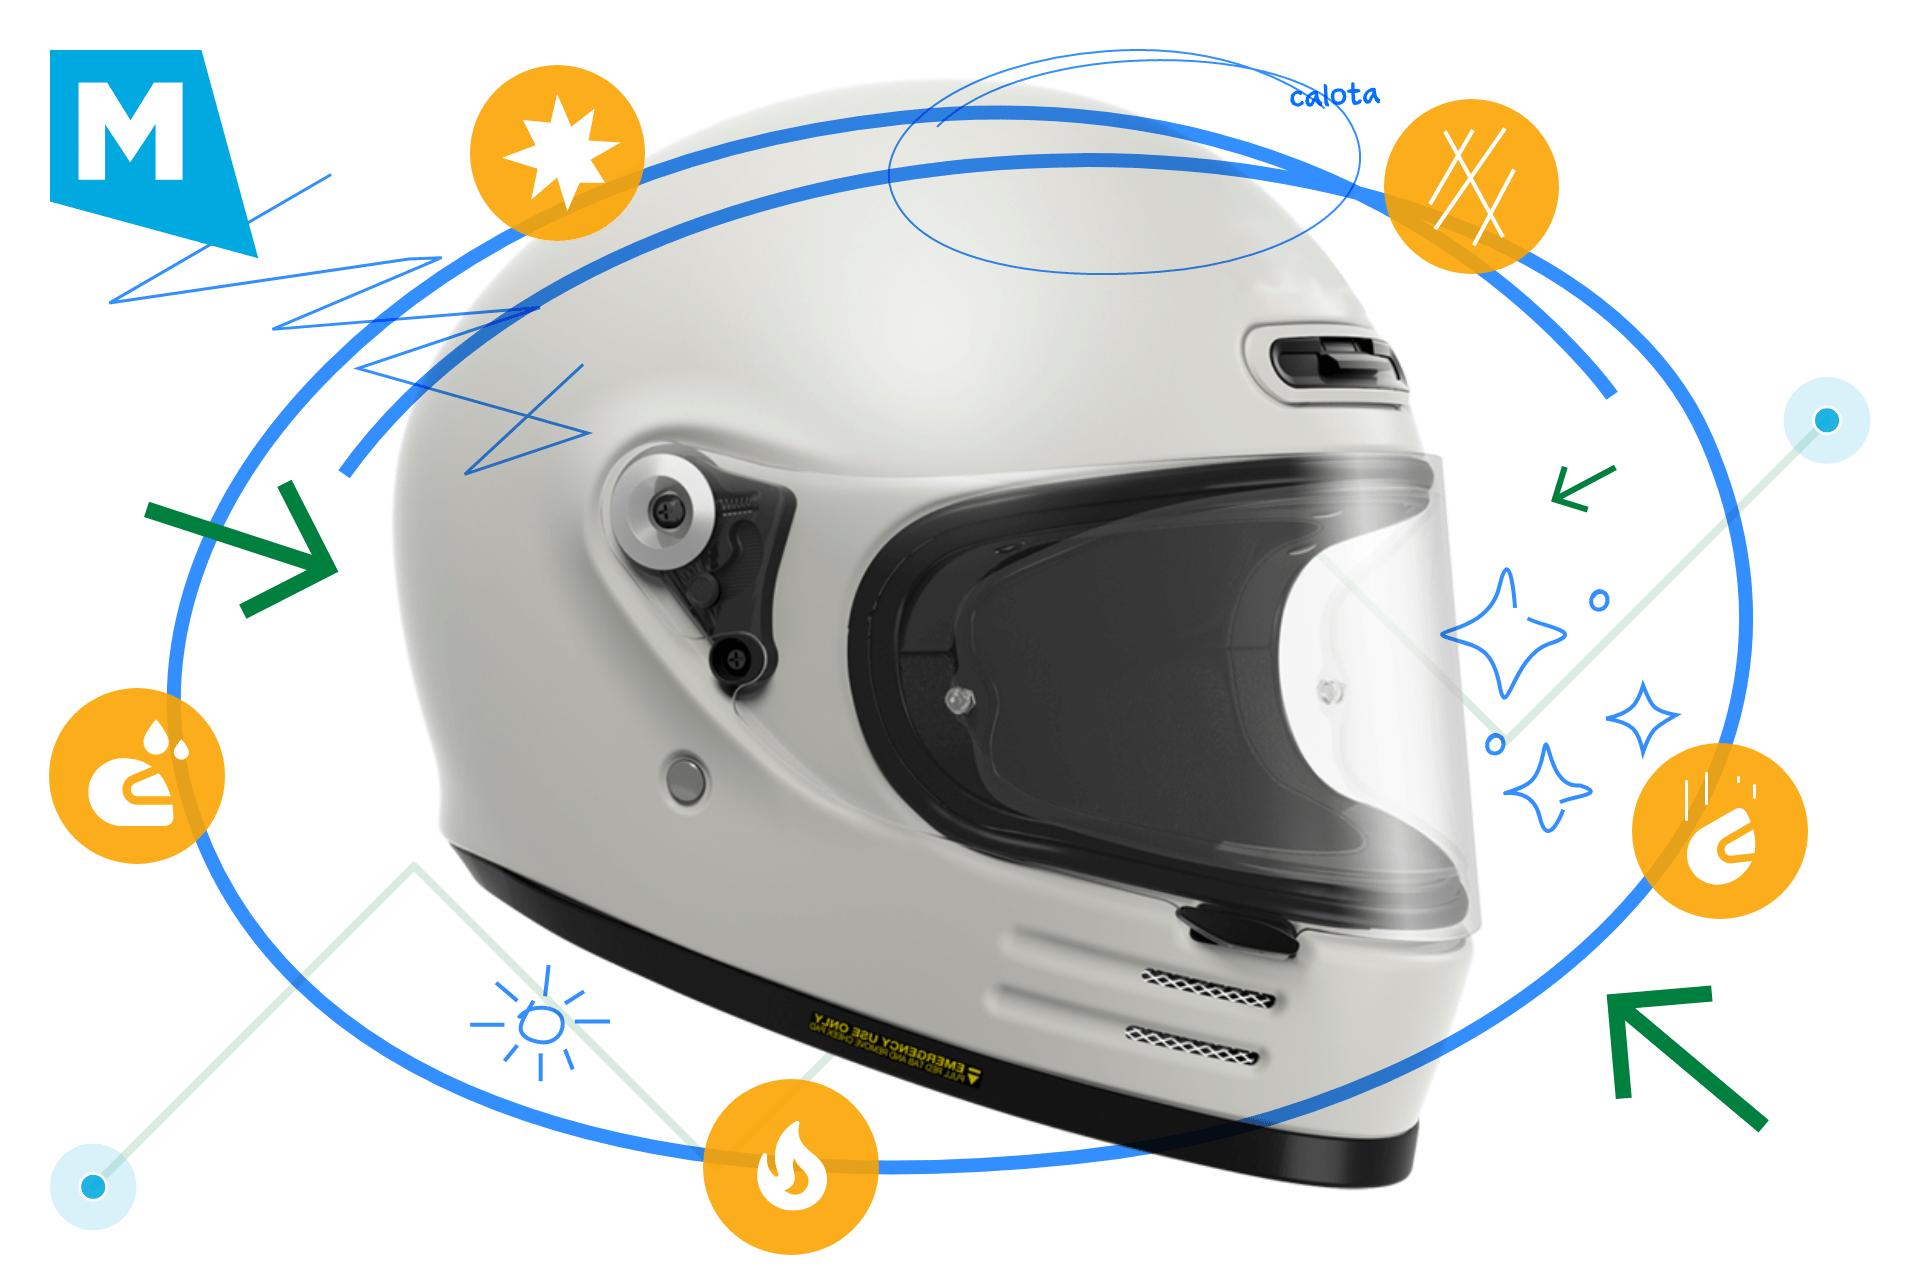 Mantenimiento del casco de la moto